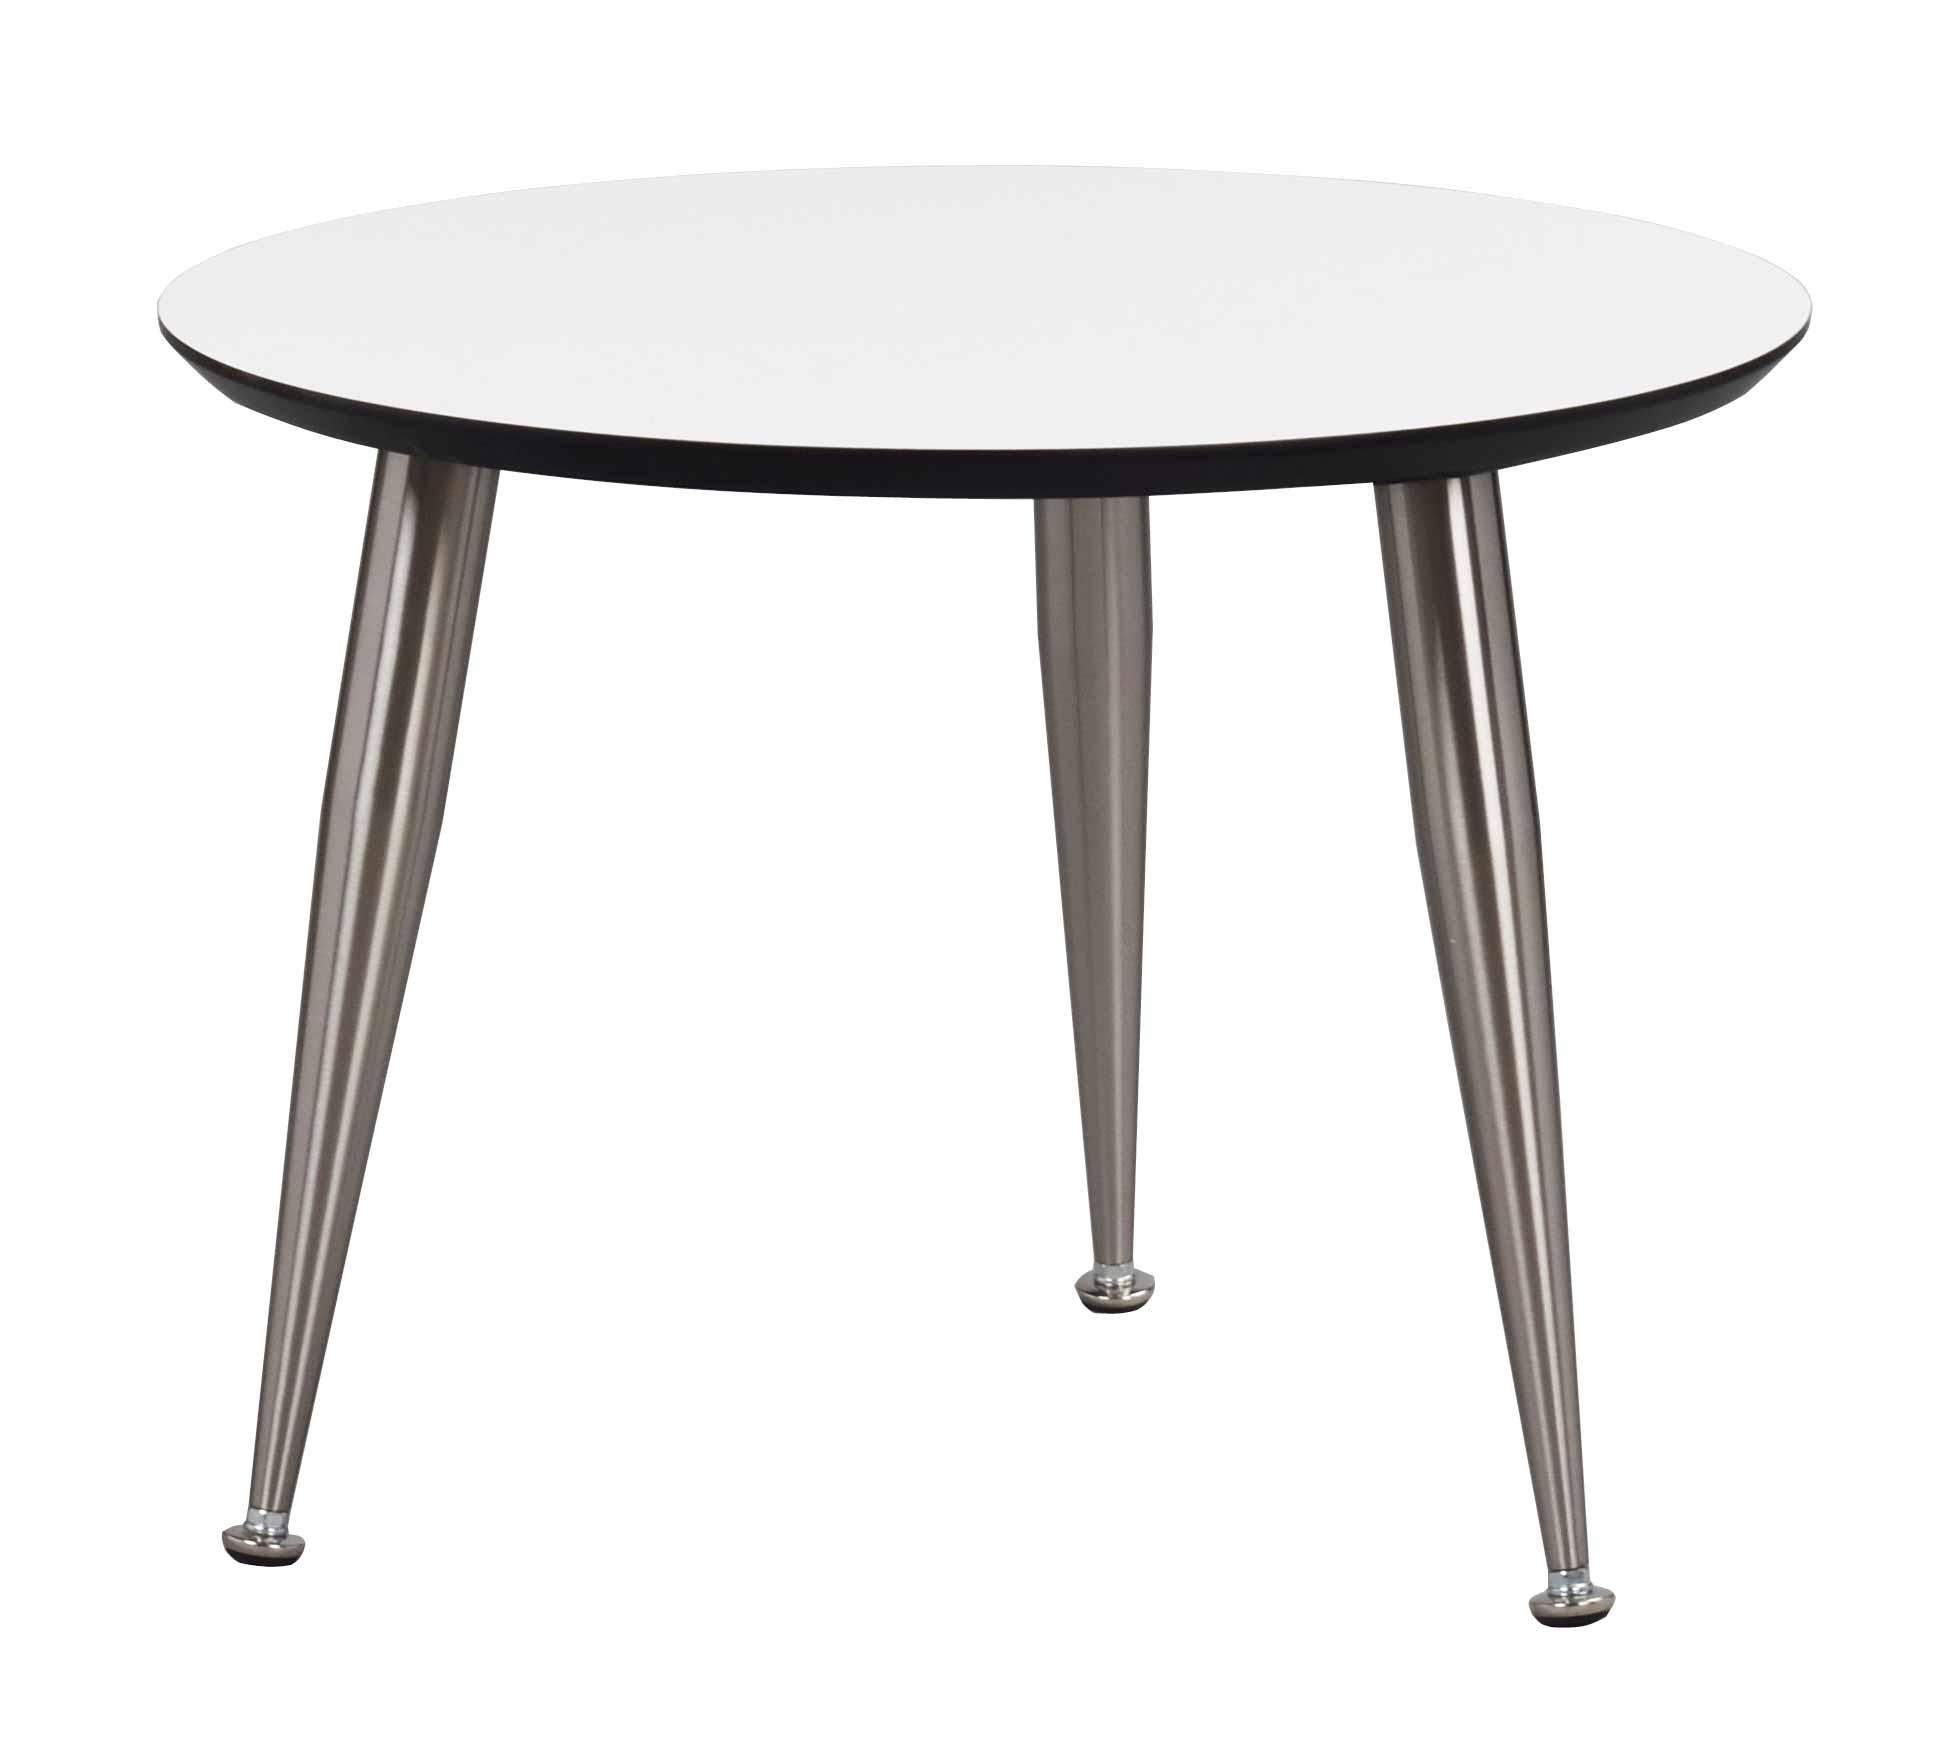 Strike sofabord - Hvidt træ, stål stel, rundt (Ø:56)